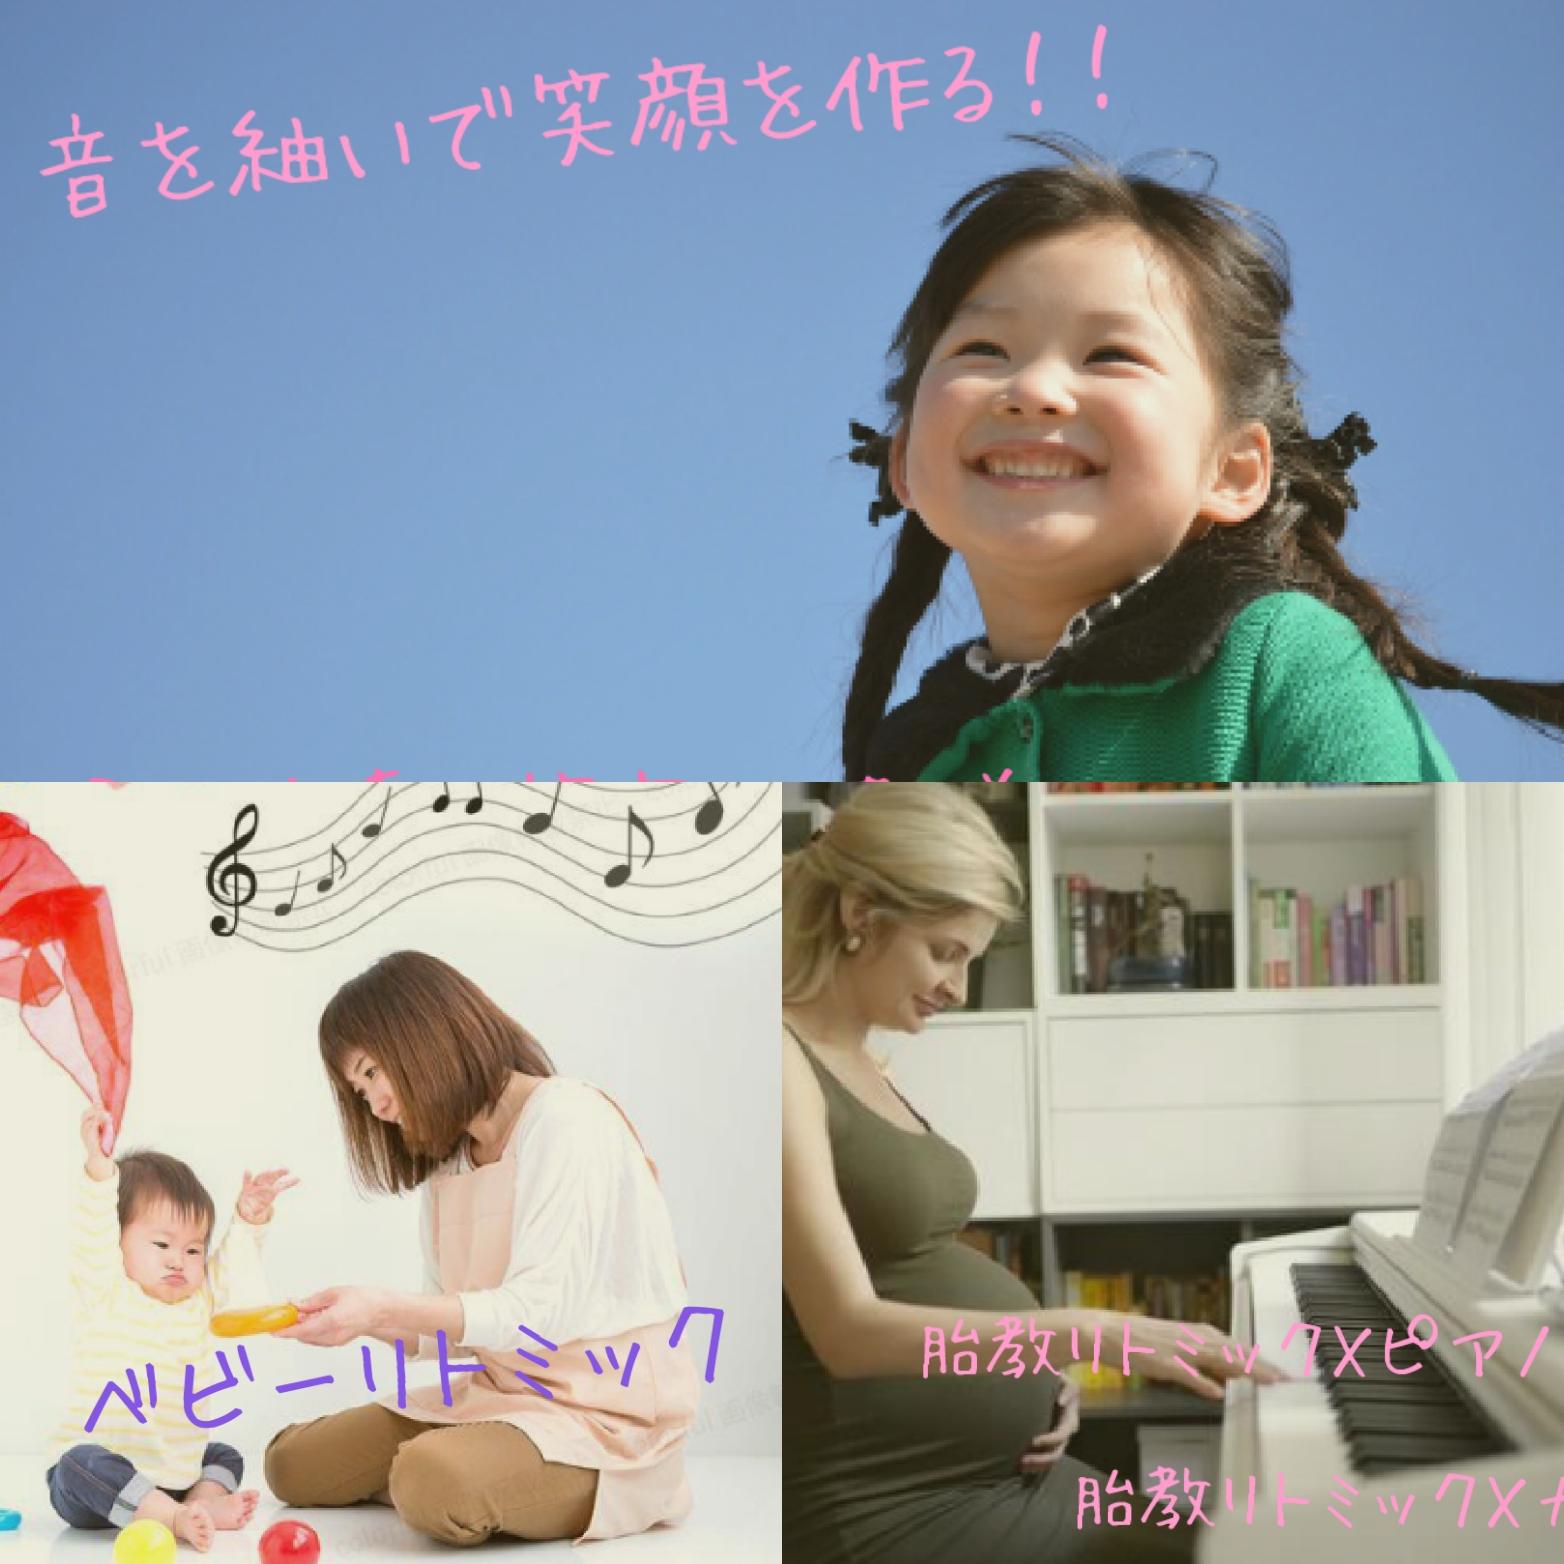 音を紬いで笑顔を作る音色こずみっくの紹介画像